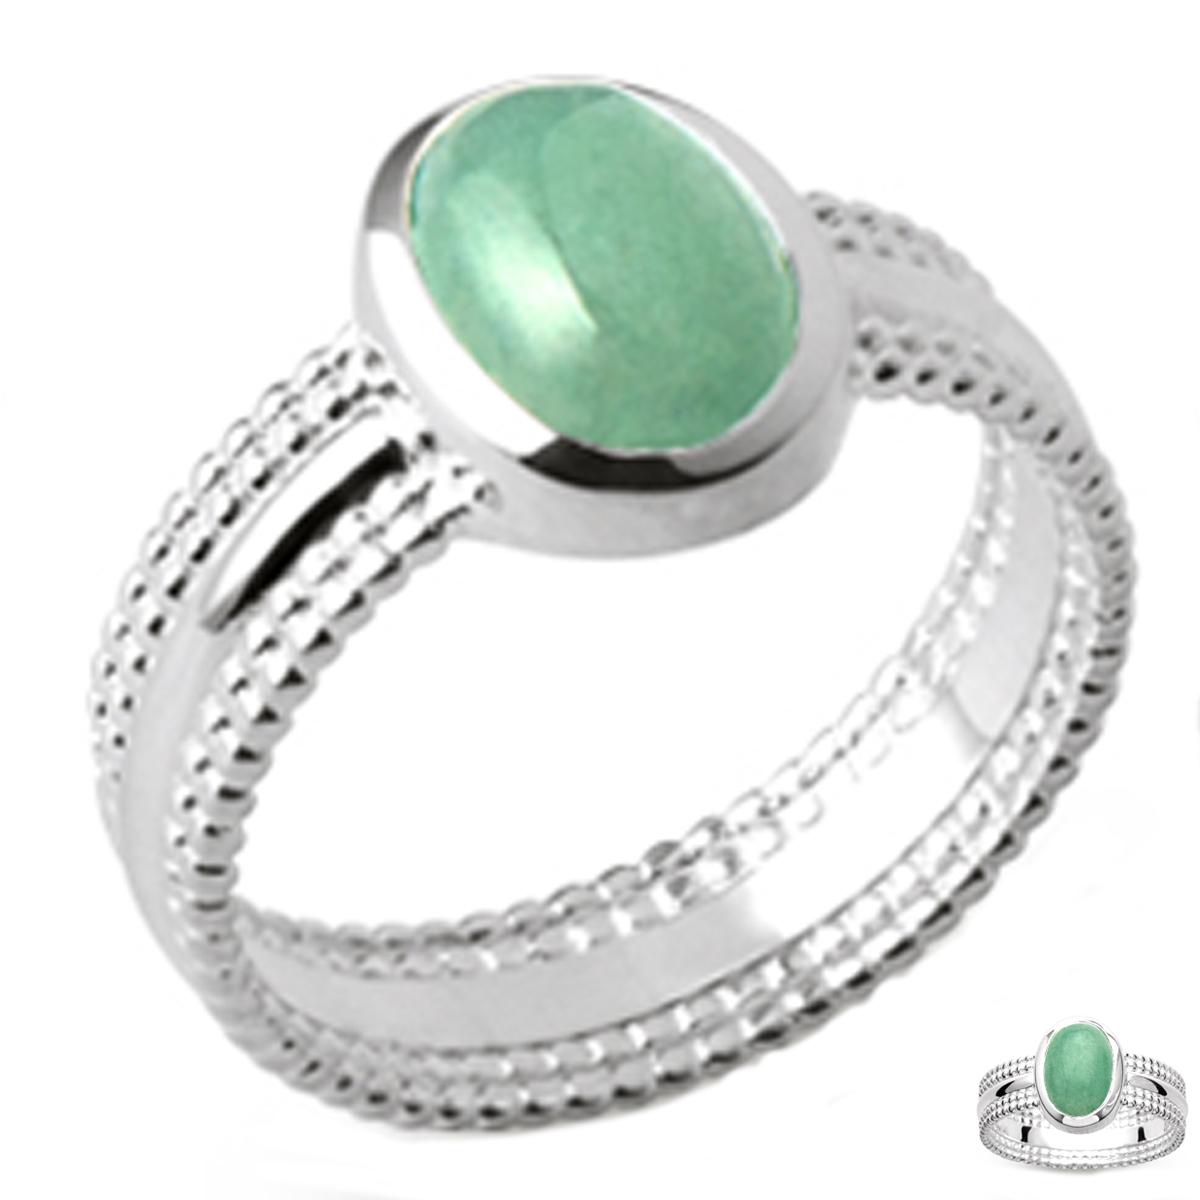 Bague Argent \'Cléopatra\' vert aventurine argenté (rhodié) - 12x8 mm - [Q3717]